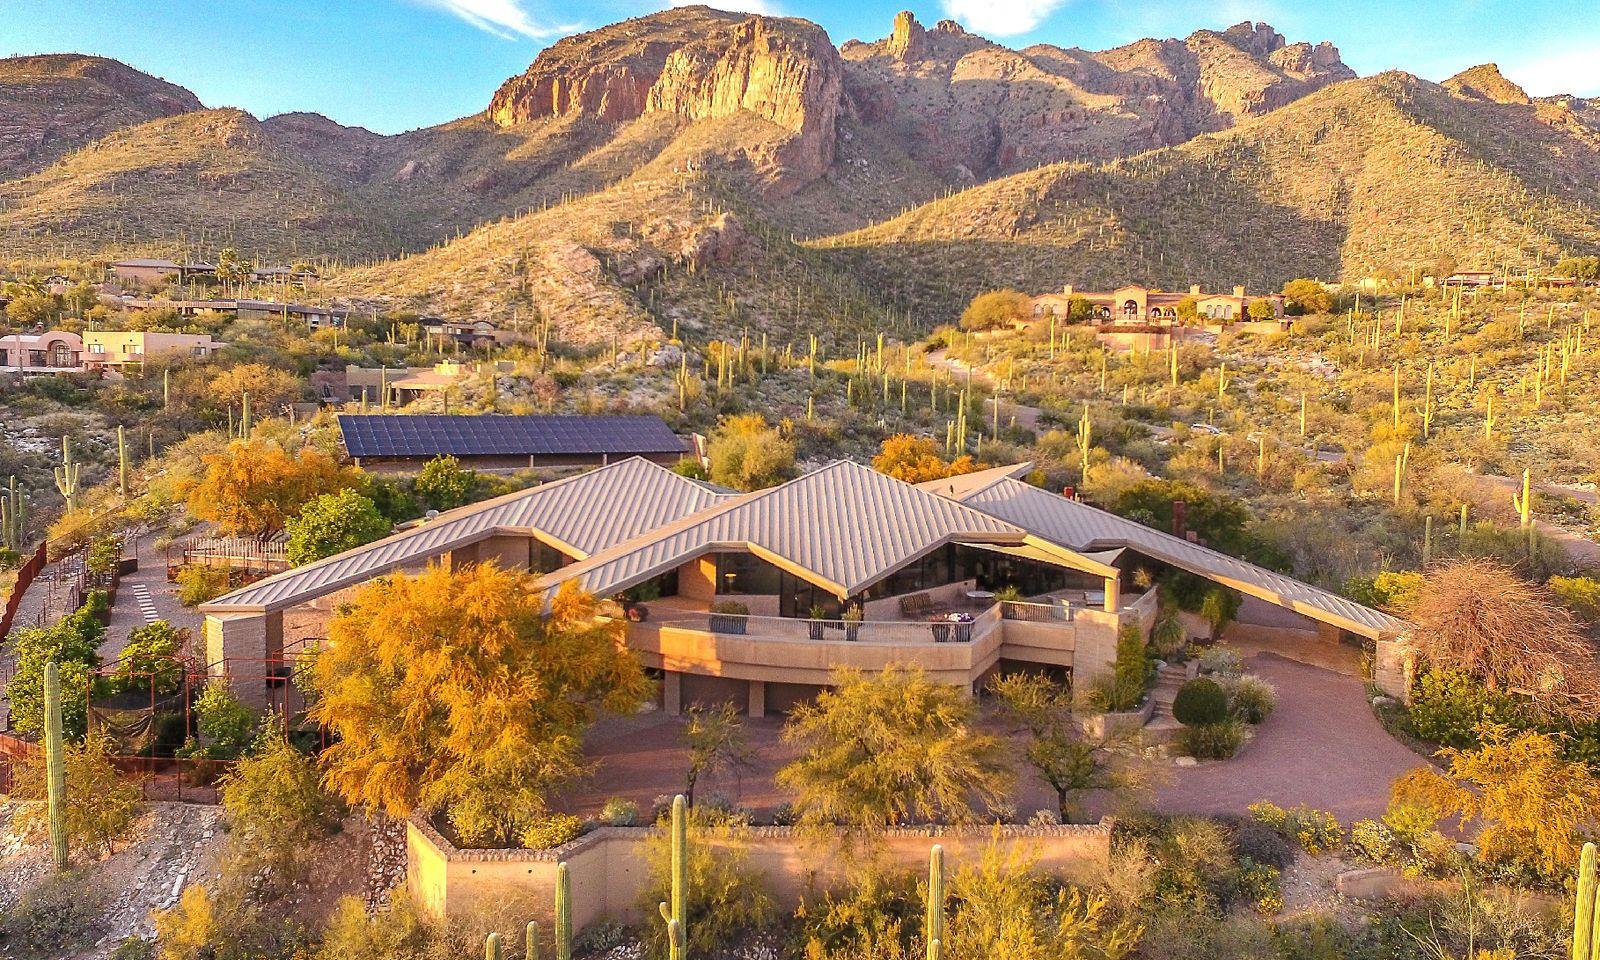 Wartet ebenso auf Käufer: Das Anwesen in der Wüste von Arizona.